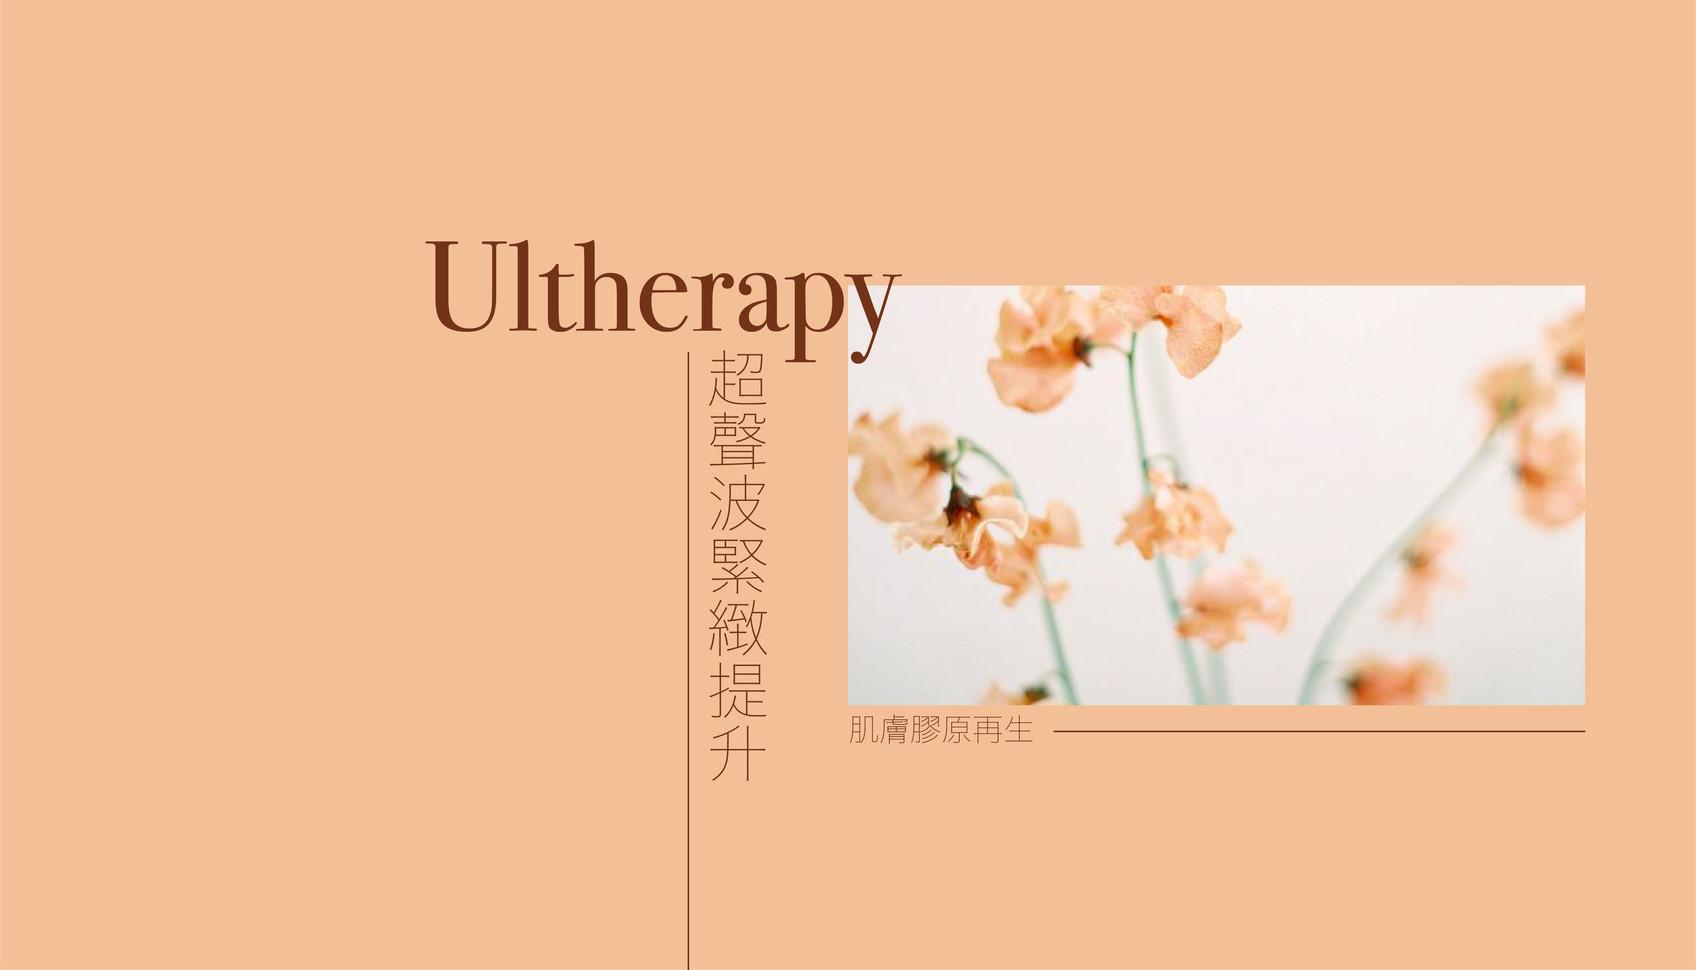 Ultherapy 超聲波緊緻提升